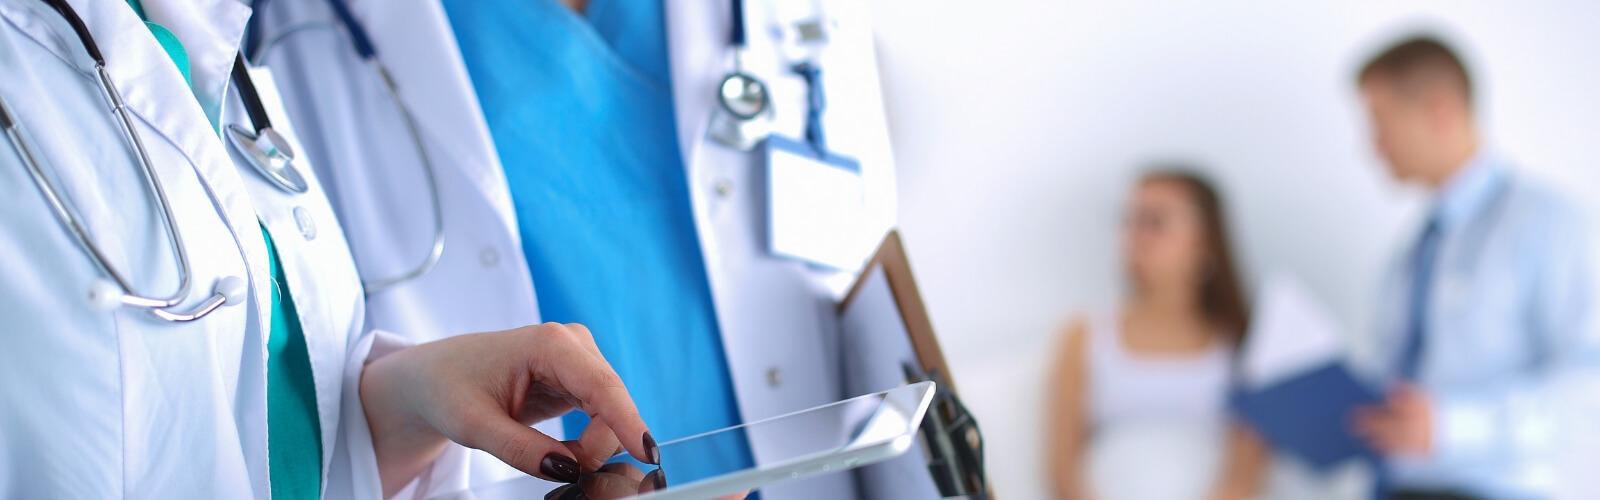 World-Class Health Care Provider Comes to Martin County